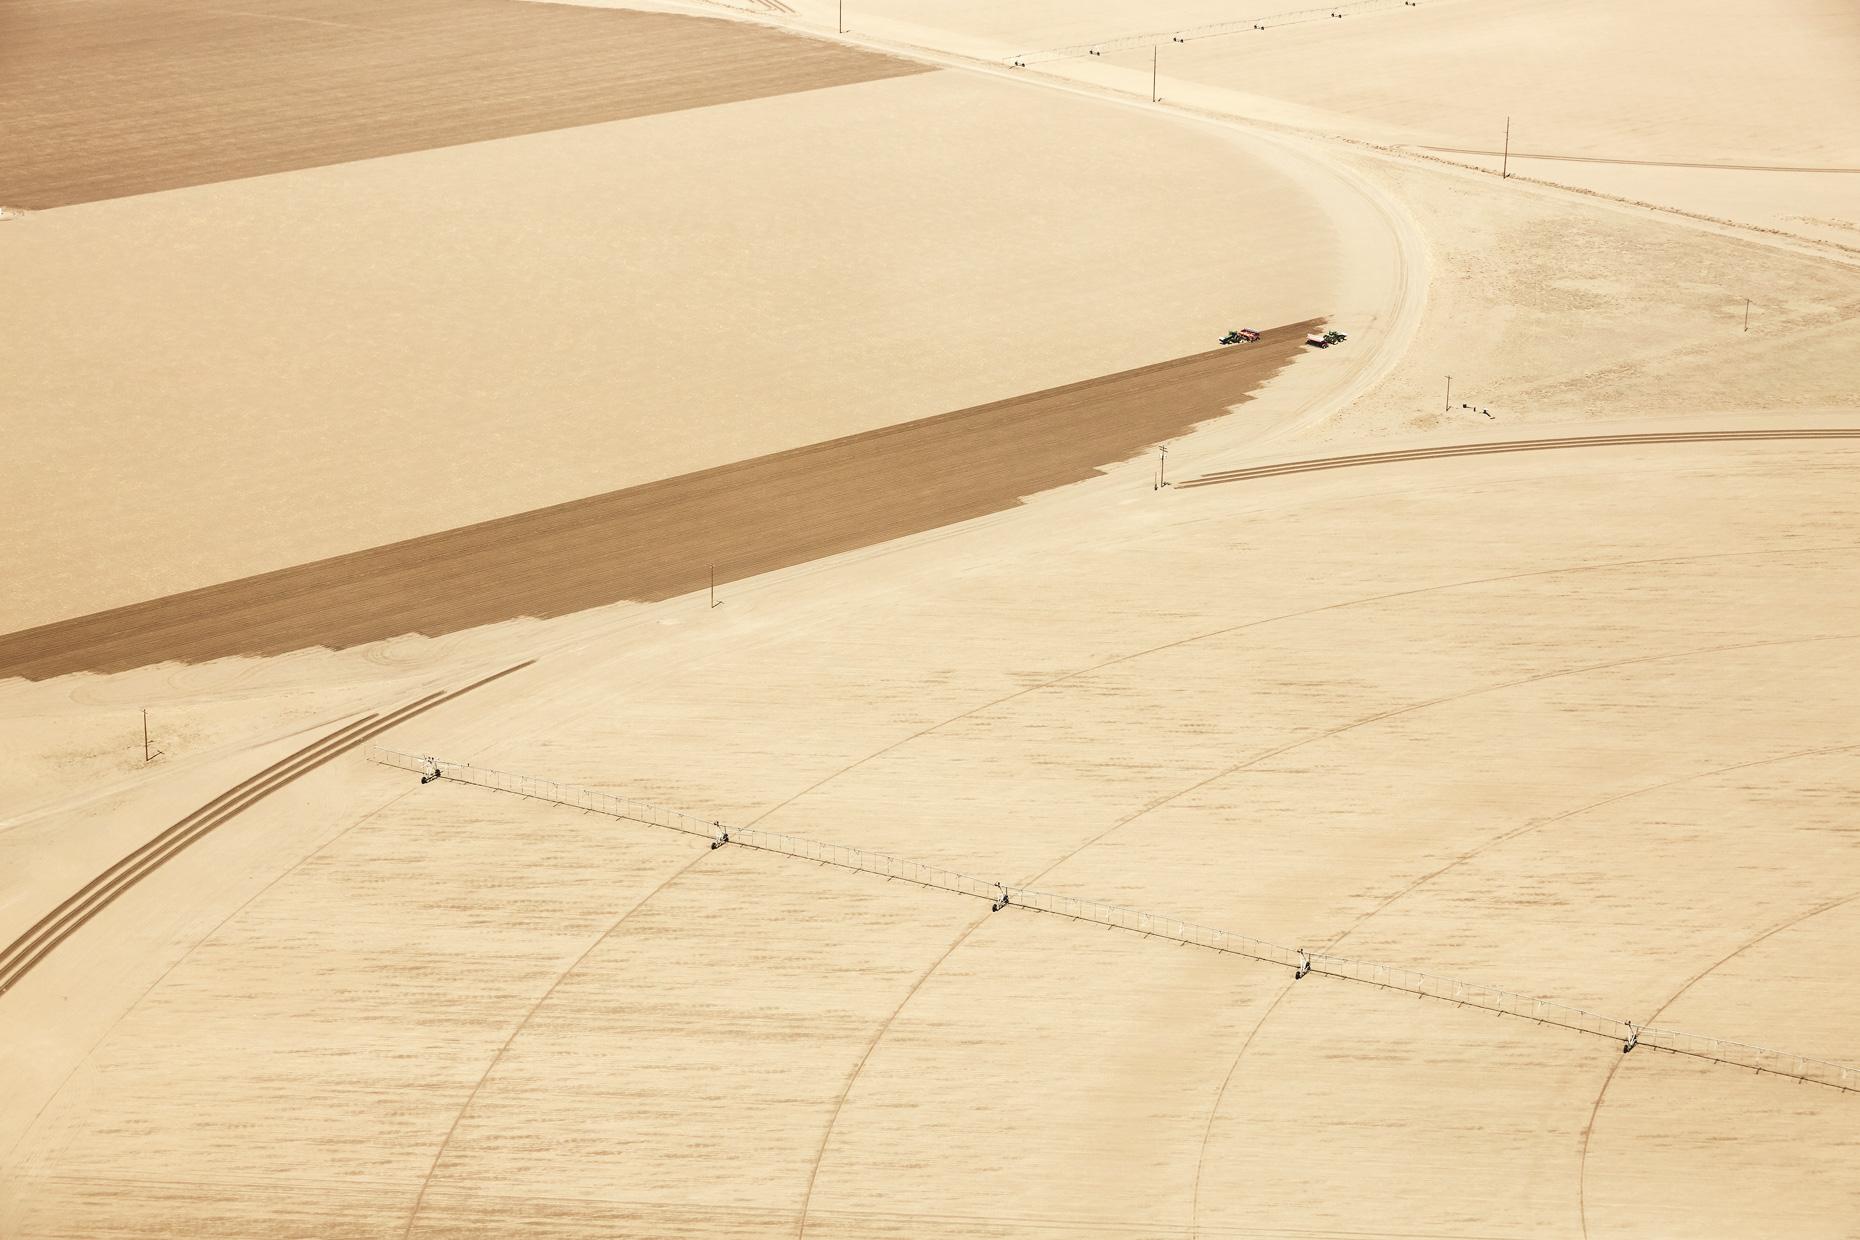 Aerial Photography Derek Israelsen Crop Planning